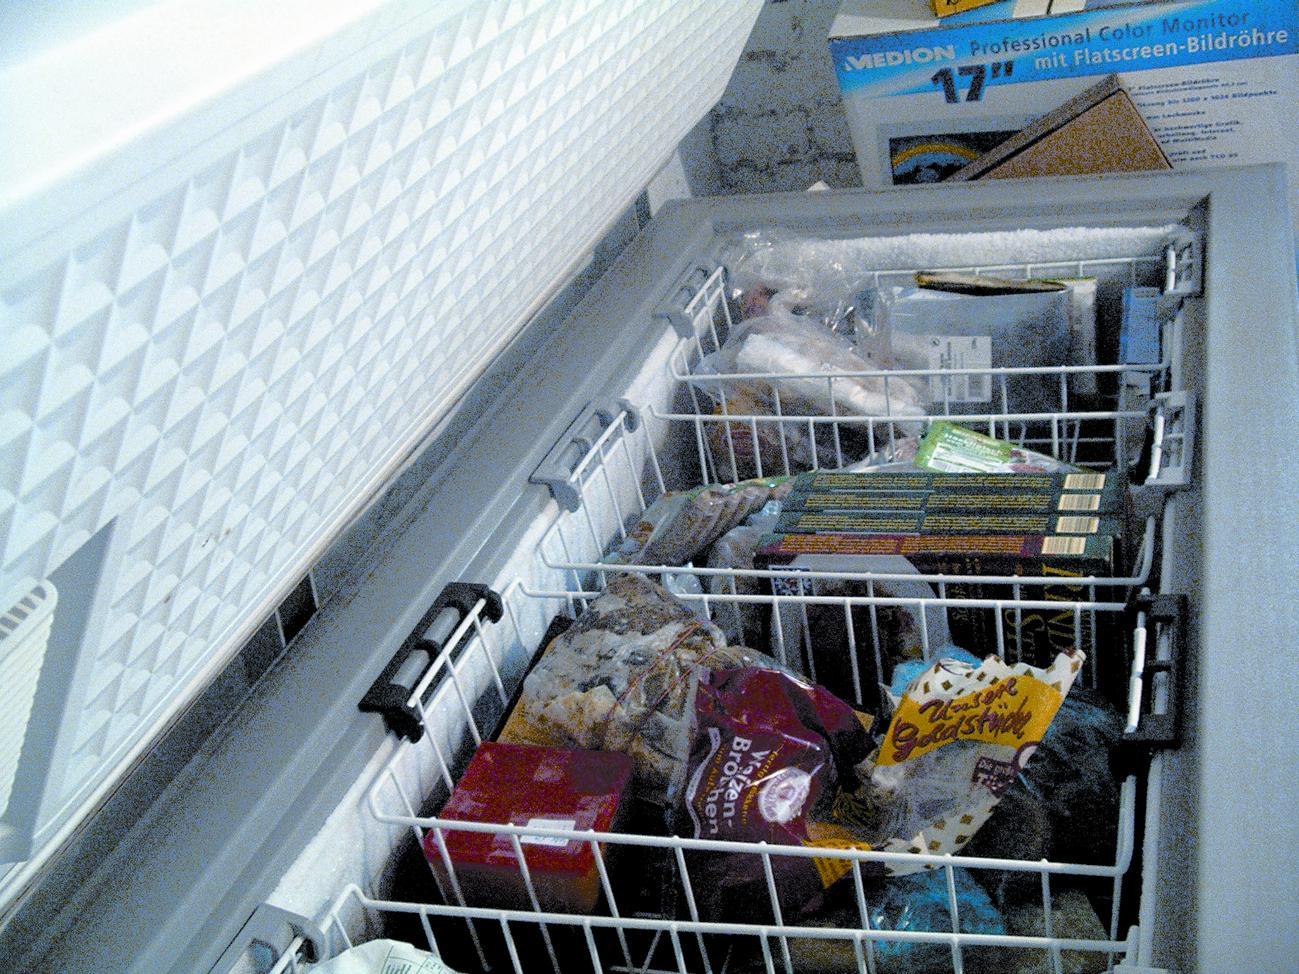 Bosch Kühlschrank Abstand Zur Wand : Energieverbraucher energietipp der beste kühlschrank